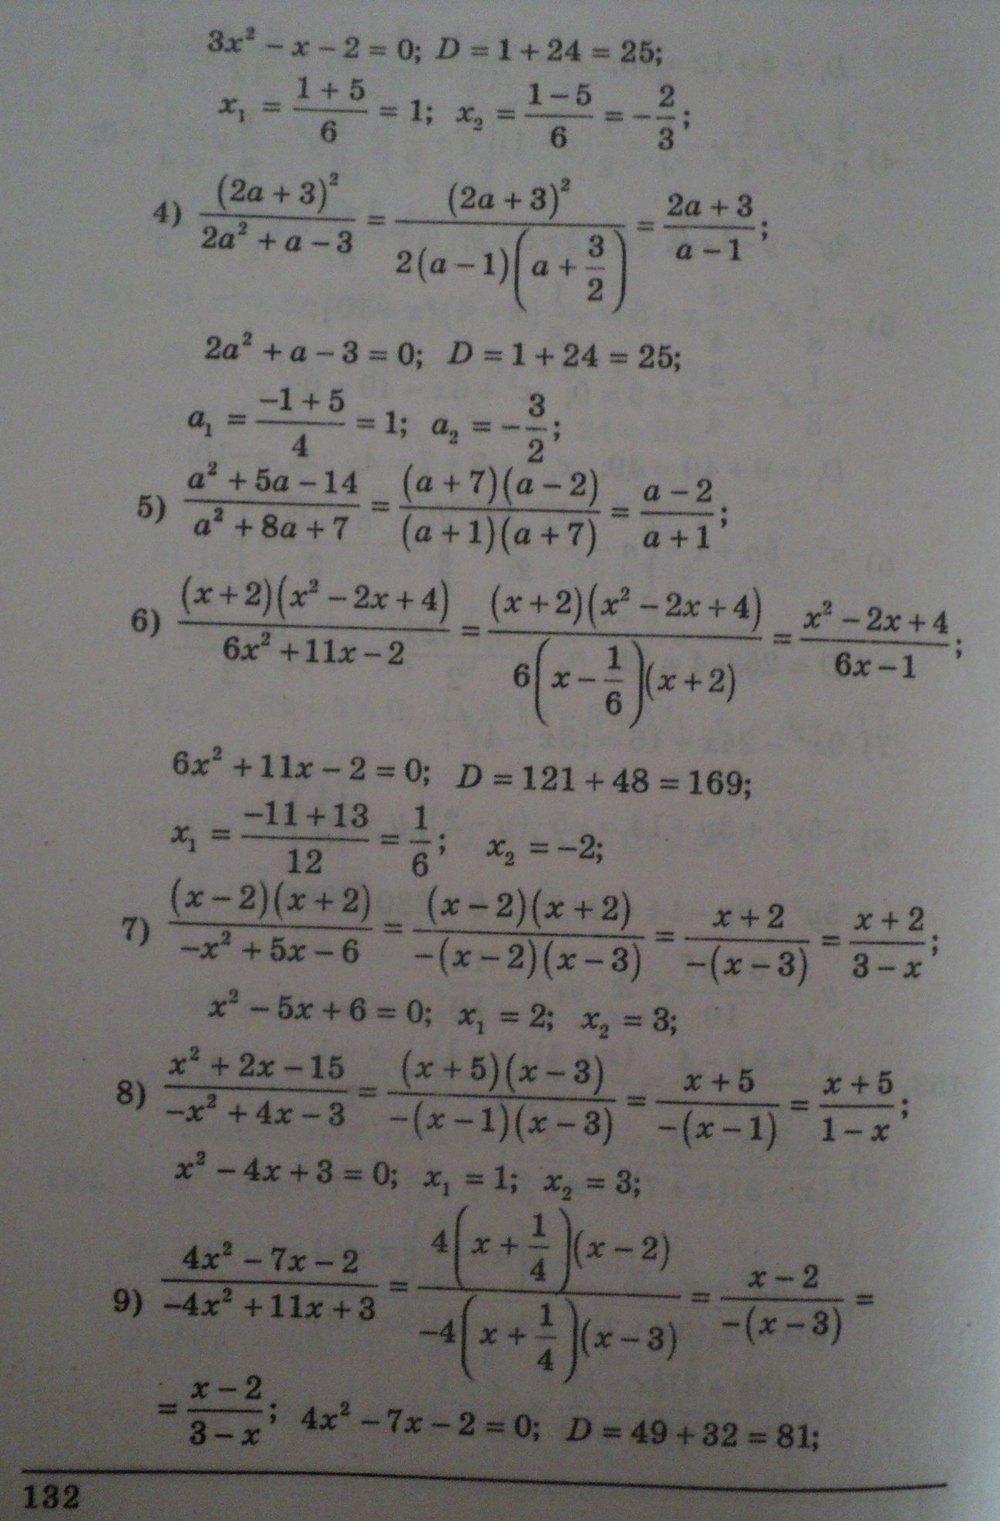 ГДЗ по алгебре 8 класс Щербань П.. Задание: стр. 132